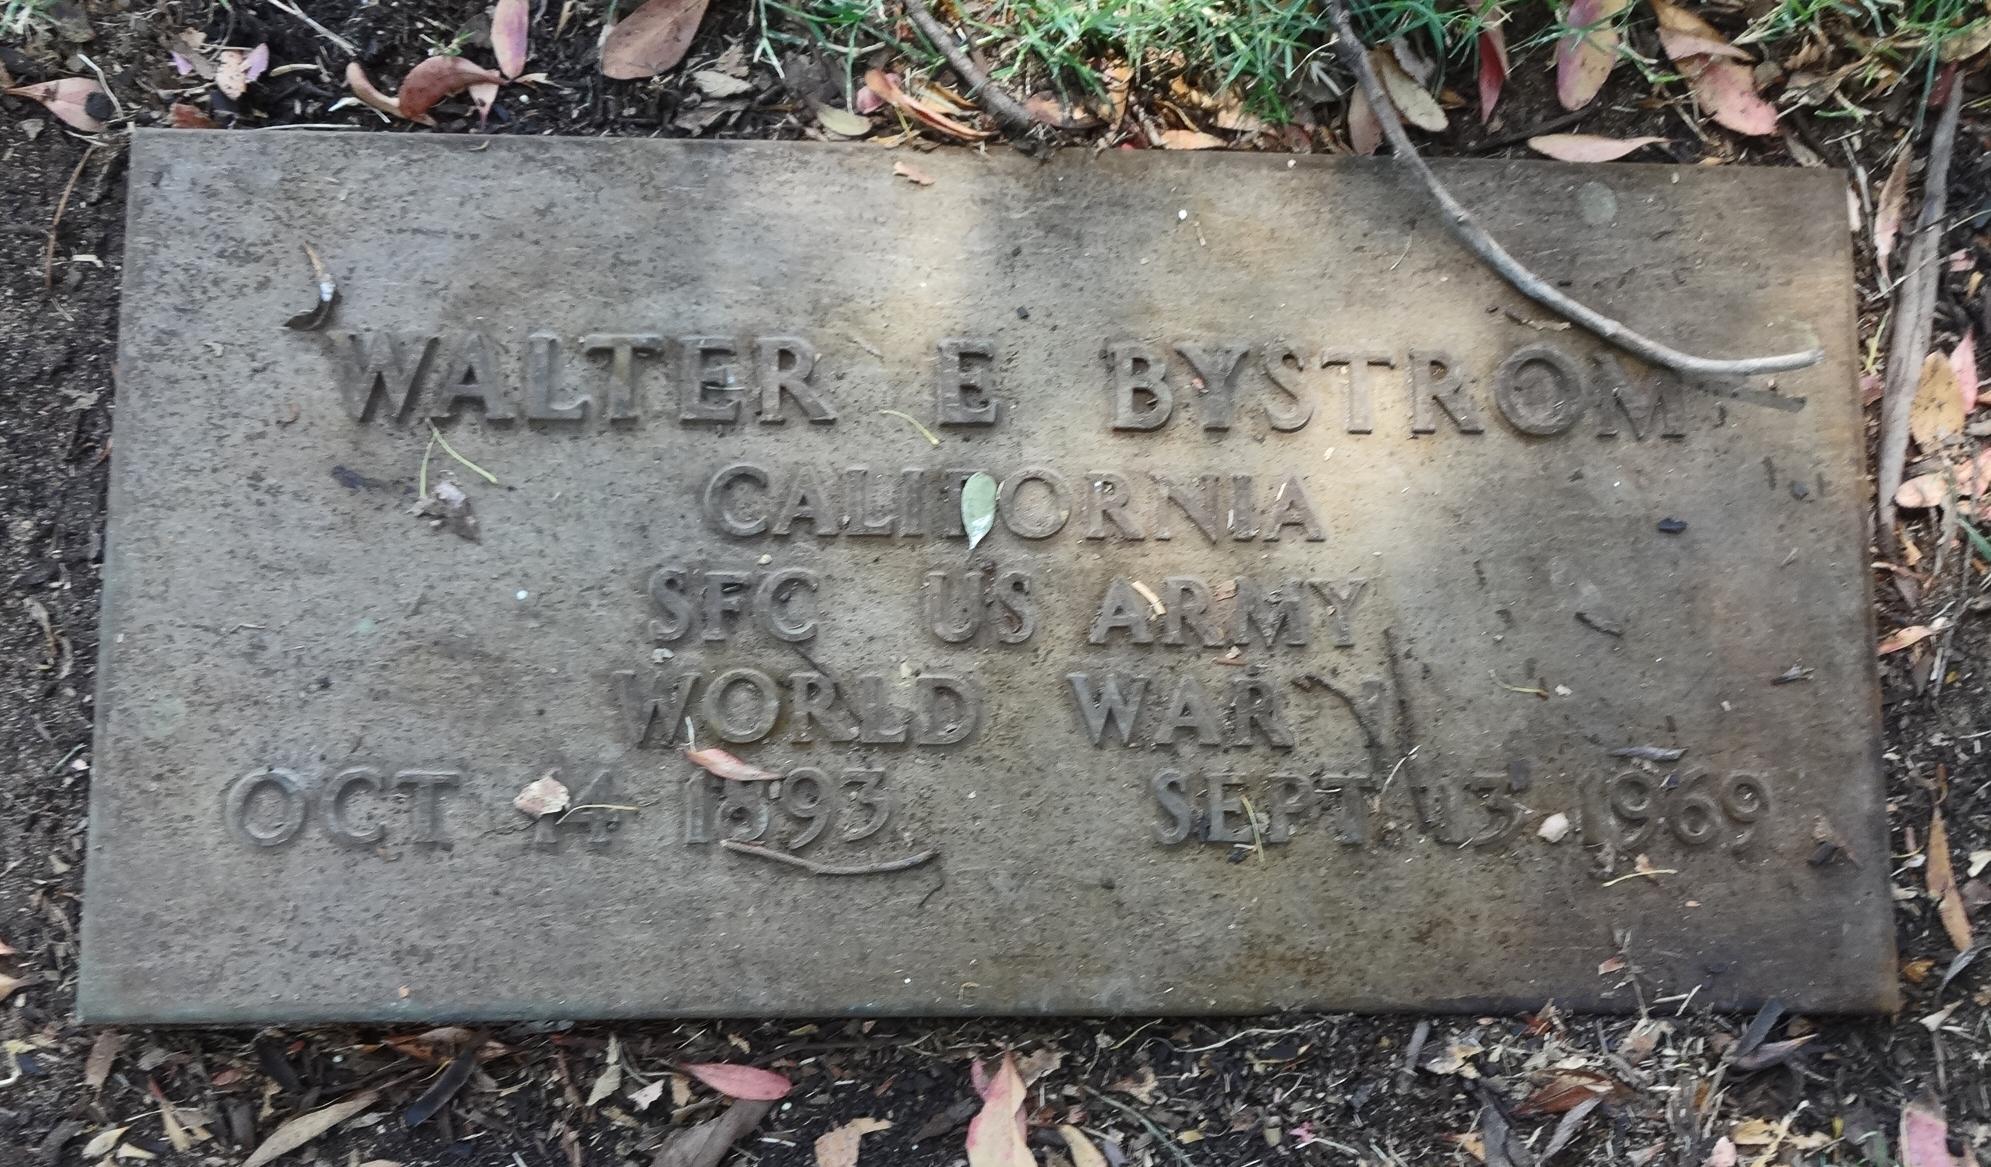 Walter E. Bystrom